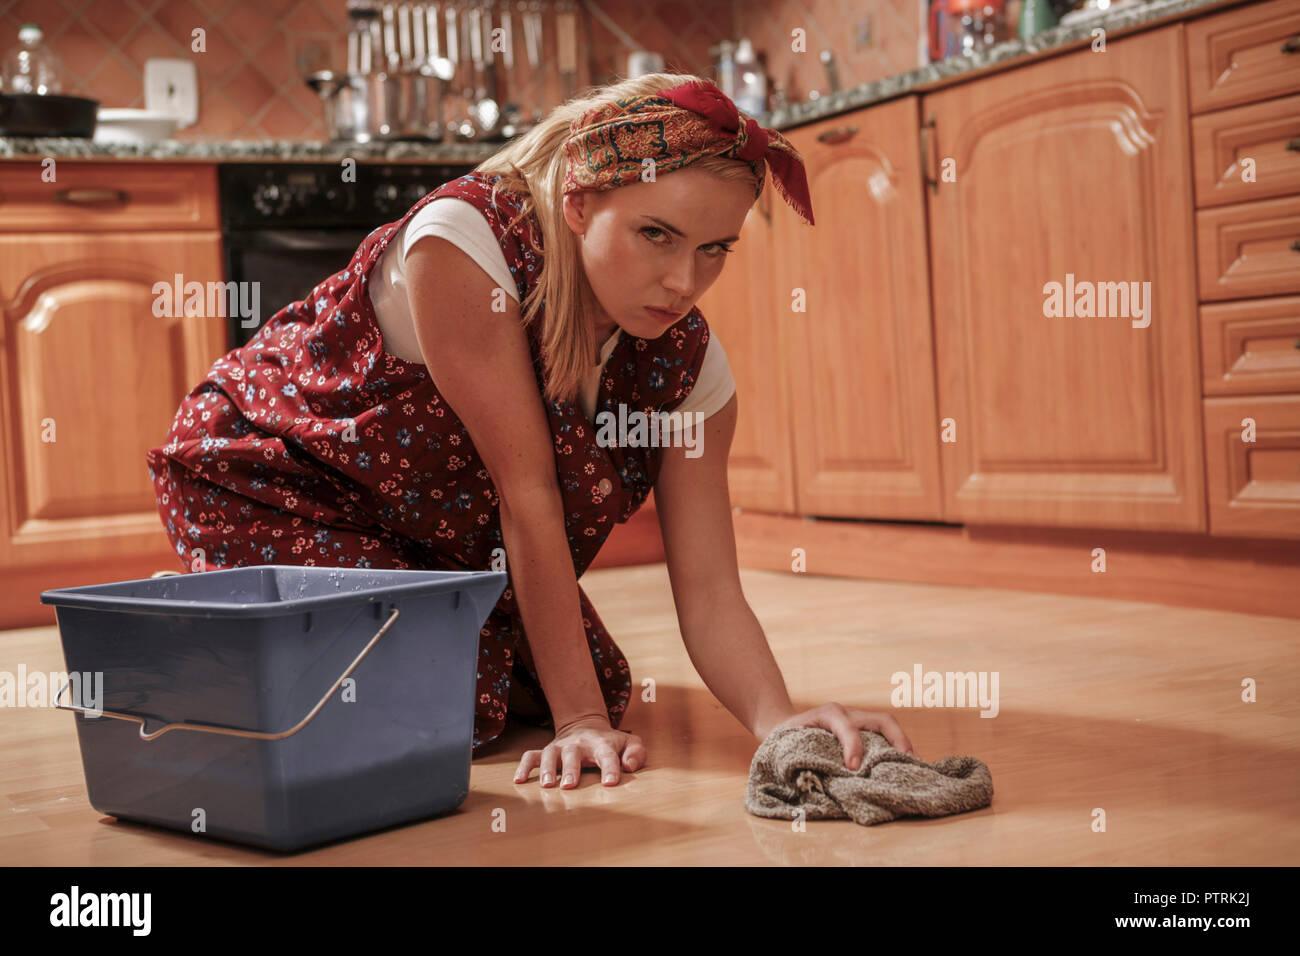 Fußboden Wischen ~ Hausfrau schuerze fussboden wischen frau 30 40 jahre putzfrau